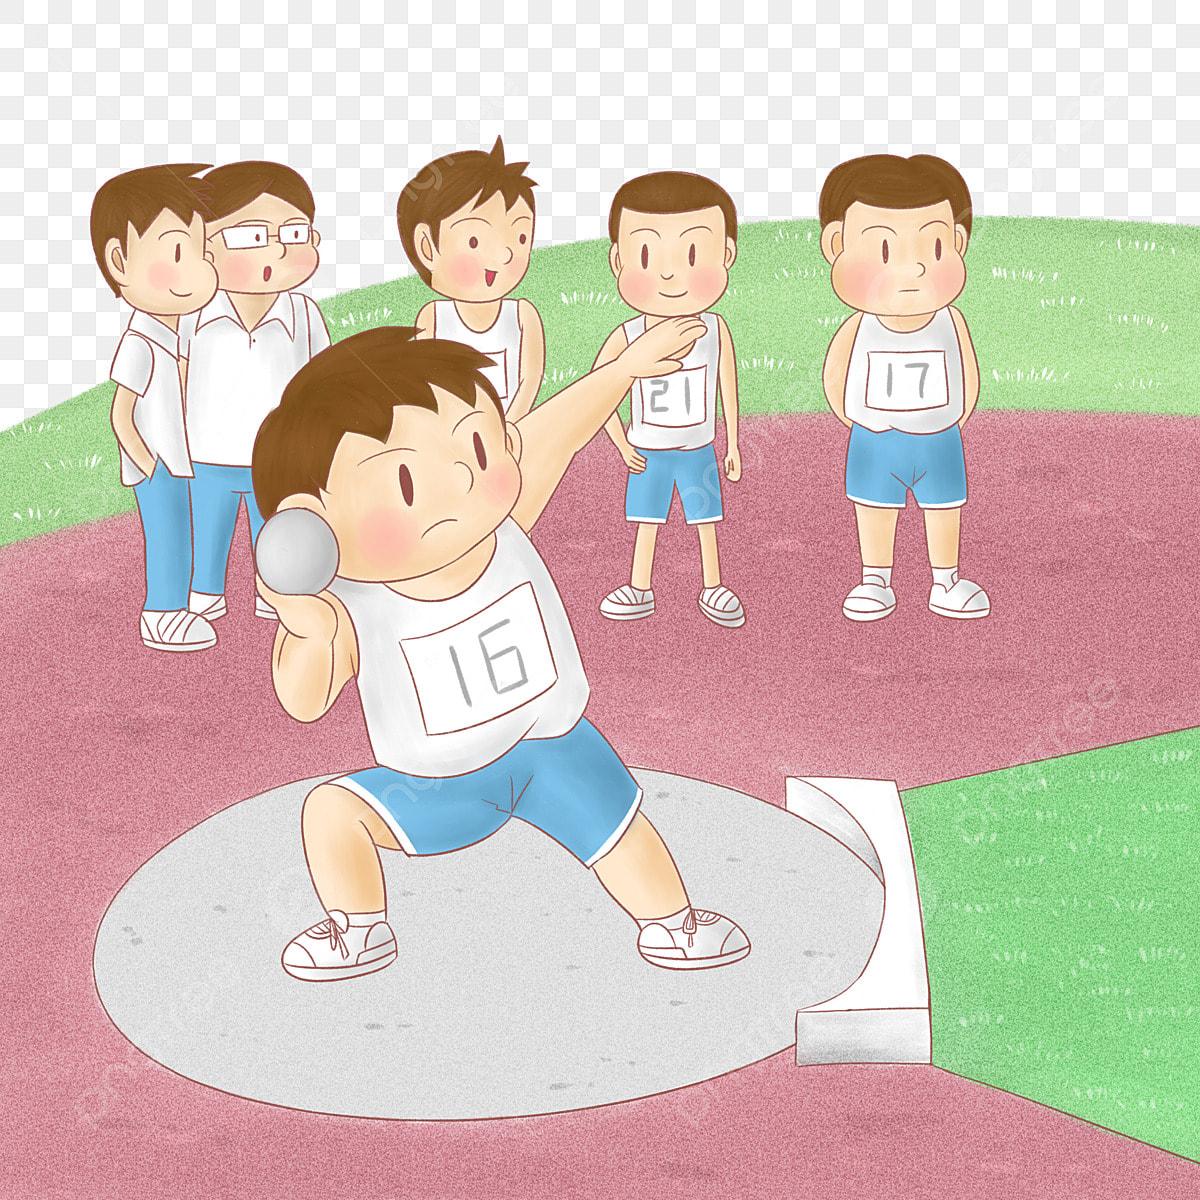 Lanzamiento De Bala La Competencia Atletico Parque Infantil Dibujos La Competencia Lanzamiento De Bala Png Y Psd Para Descargar Gratis Pngtree